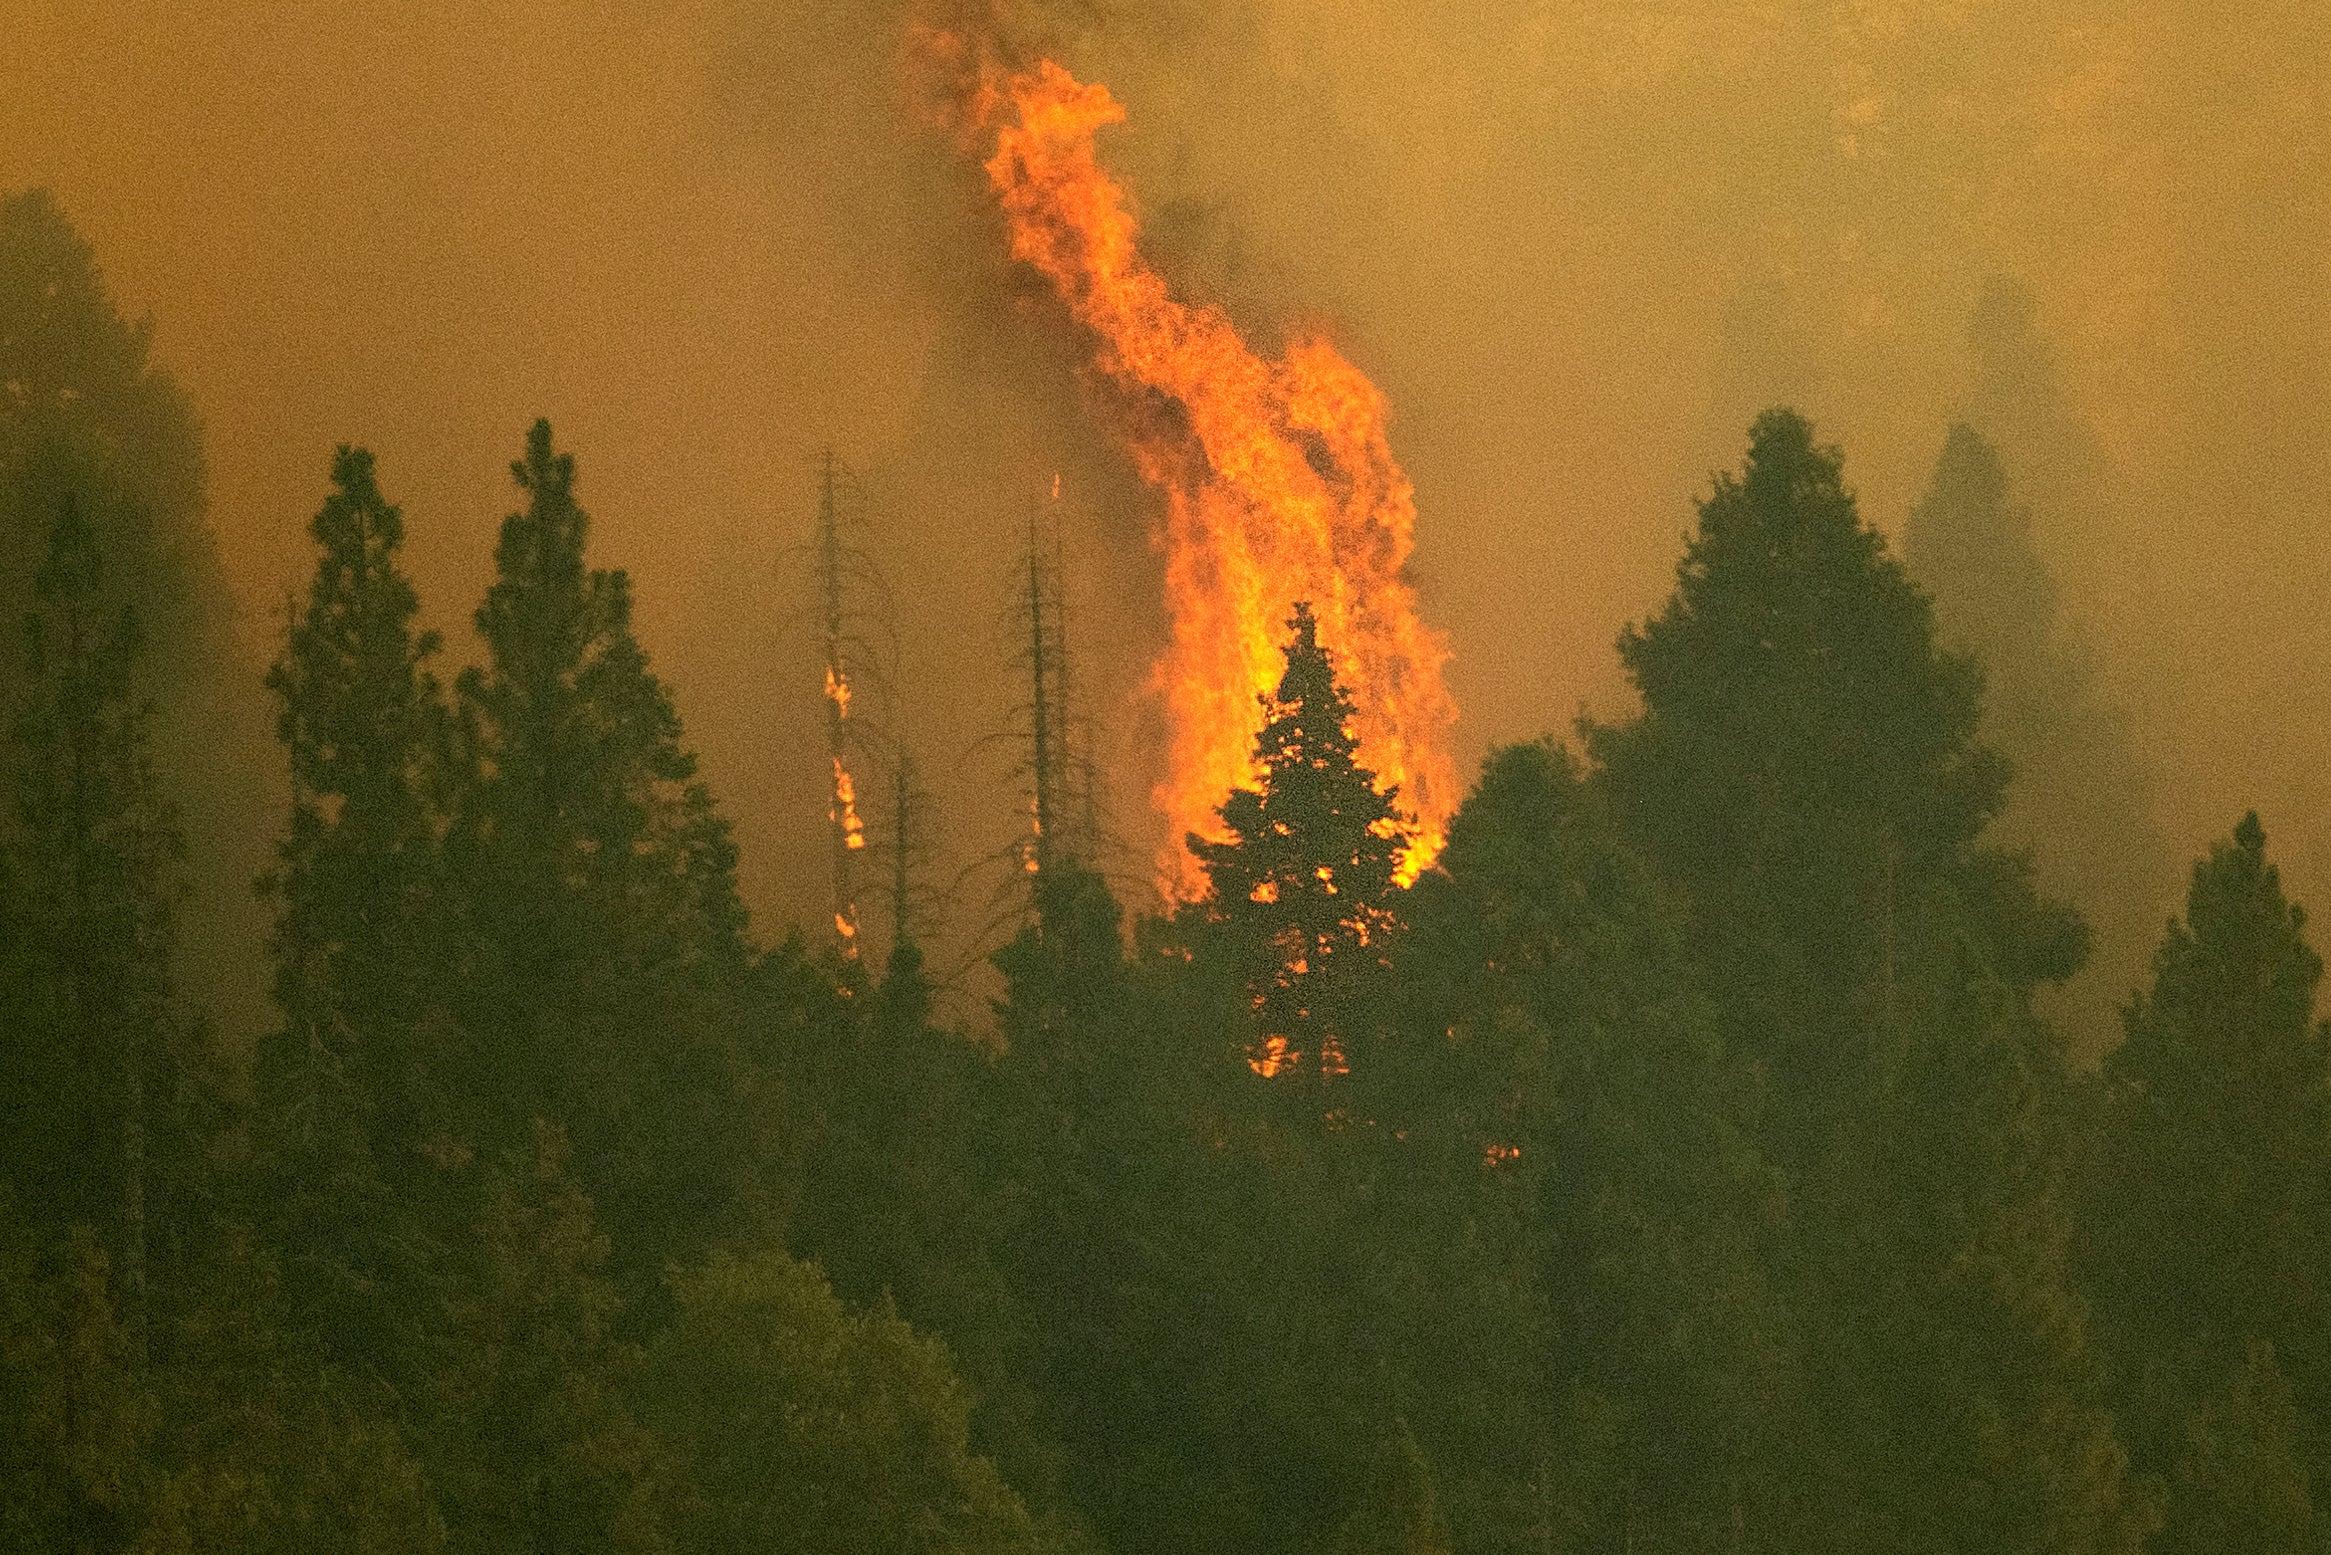 Blazes Threaten California's Giant Sequoias (PHOTOS)